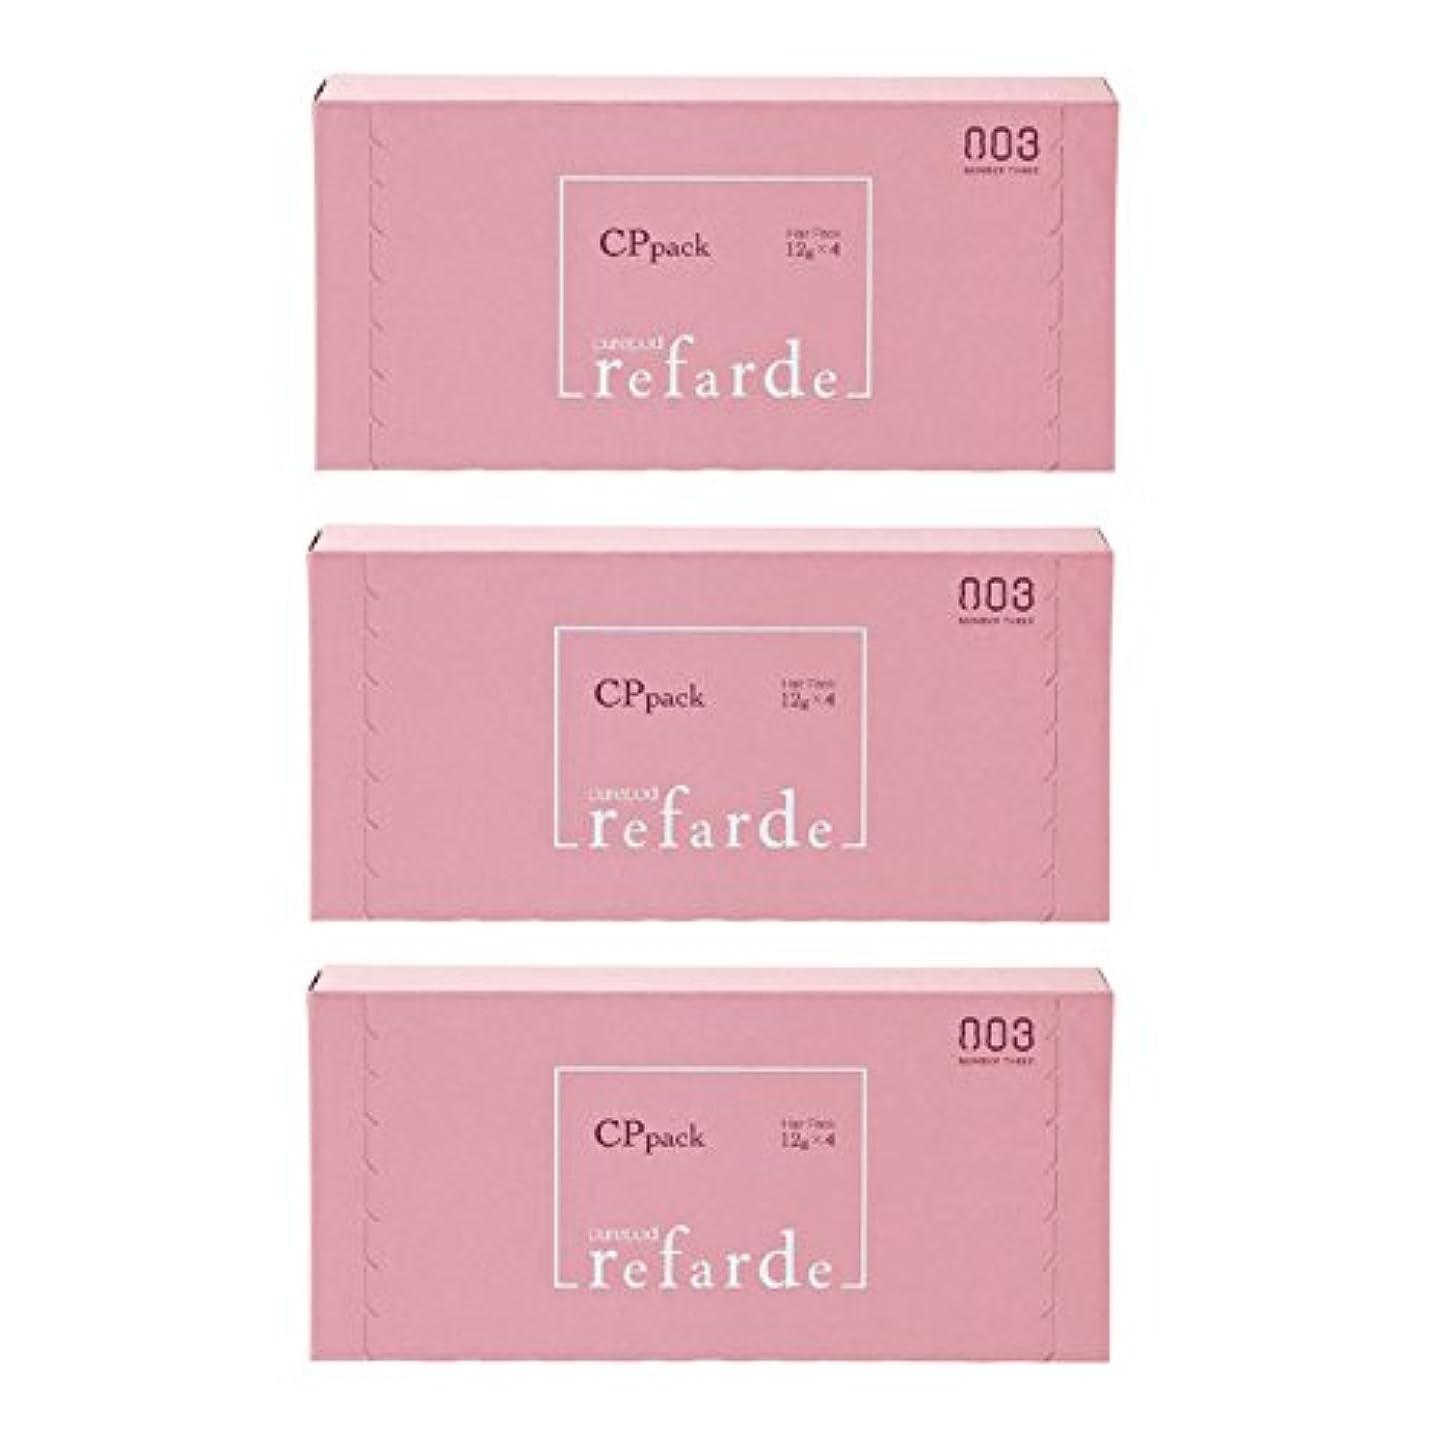 かかわらずカップルレクリエーション【X3個セット】 ナンバースリー ルファルデ CPパック 12g×4包